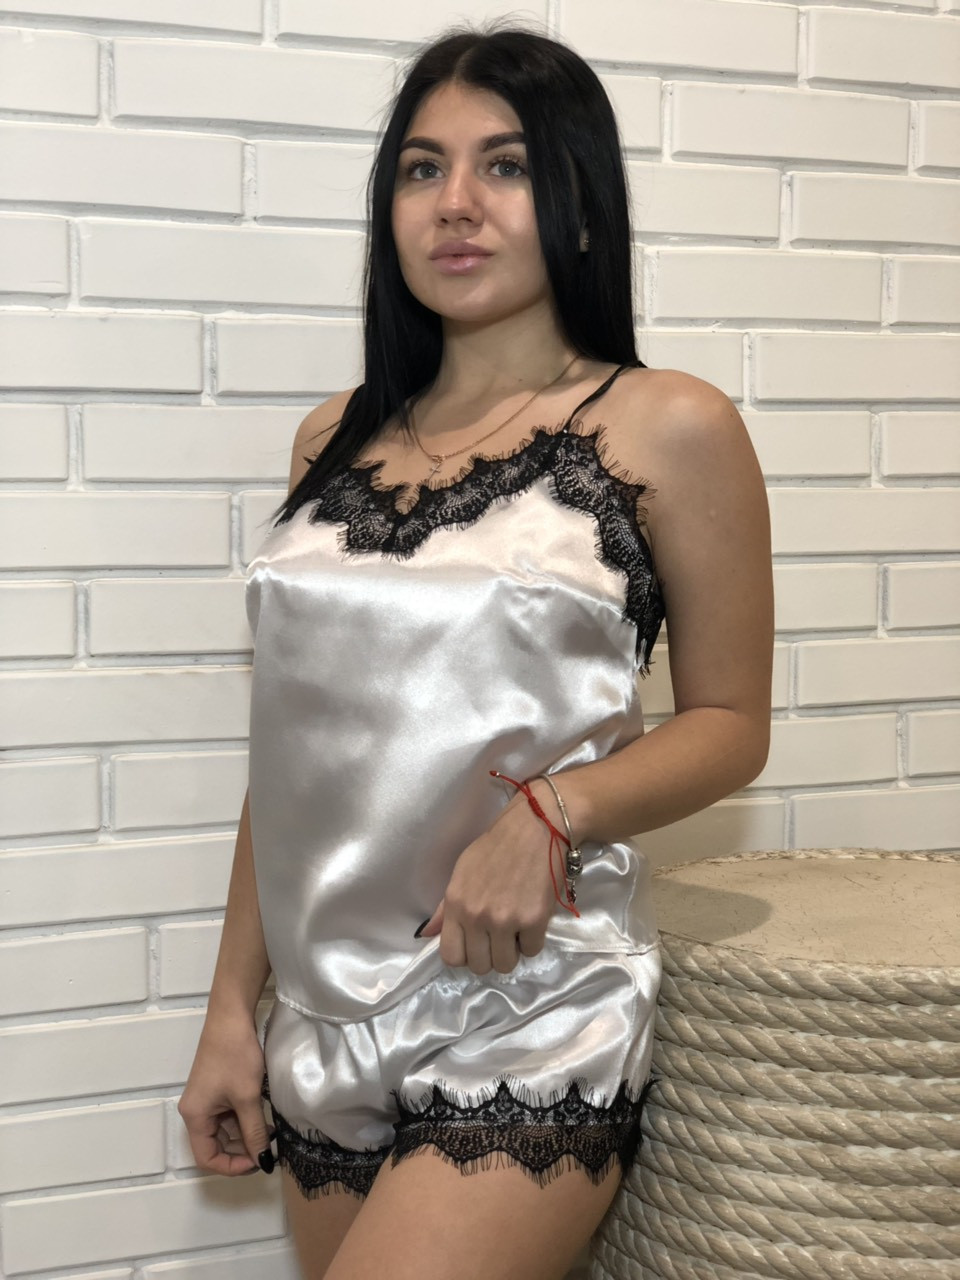 Белая пижама с черный кружевом ТМ Exclusive, пижамный комплект.